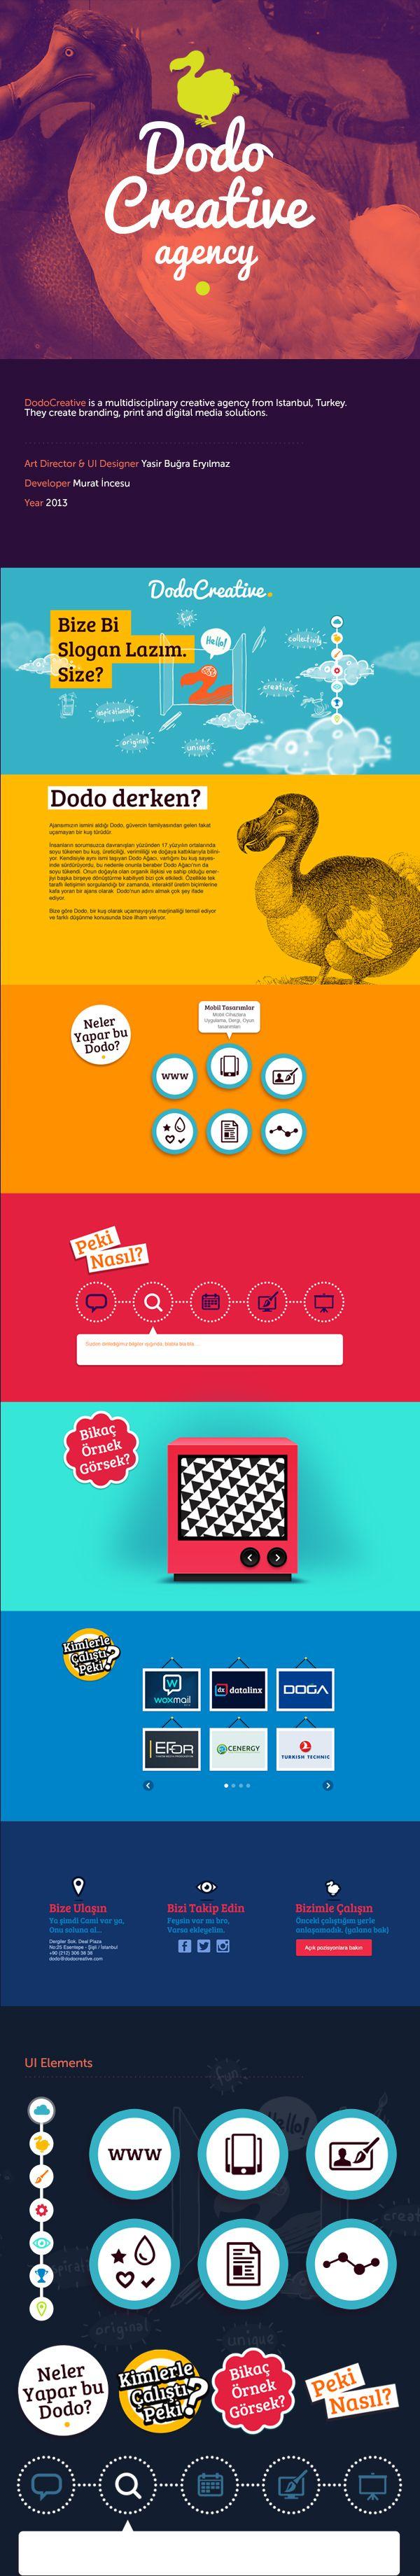 DodoCreative Website by Yasir Buğra Eryılmaz, via Behance